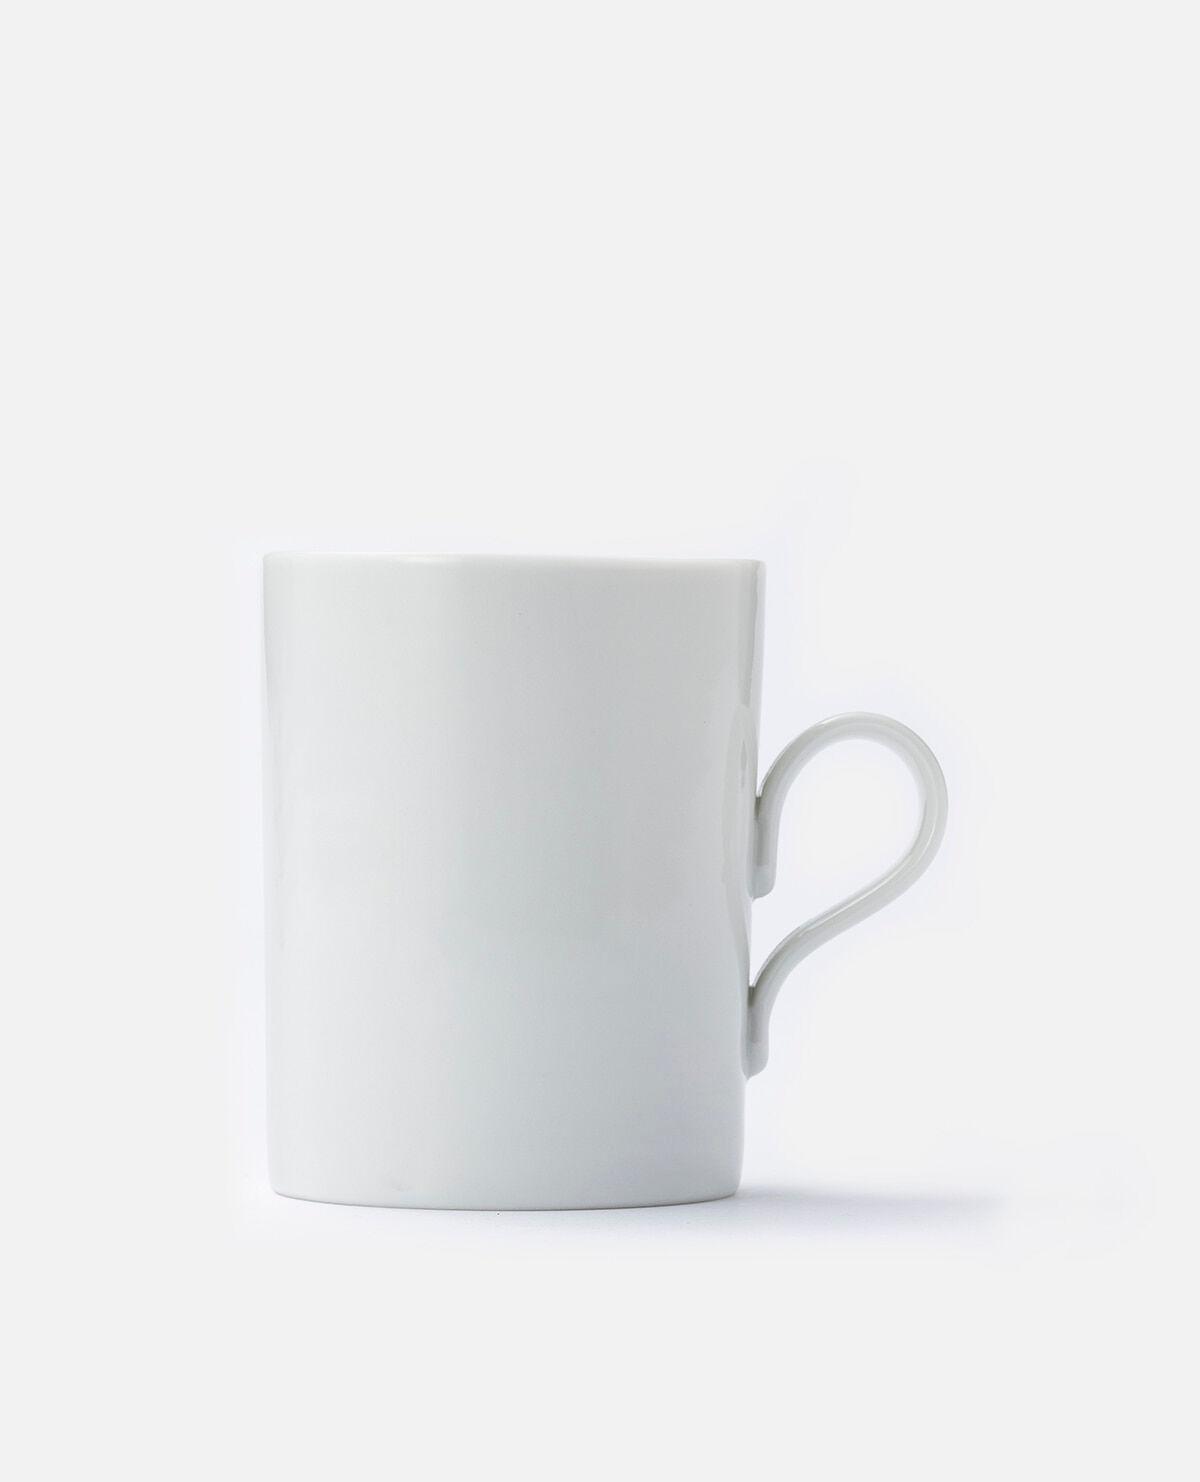 バタフライマグカップ ギフトセット グリーン&ダージリン